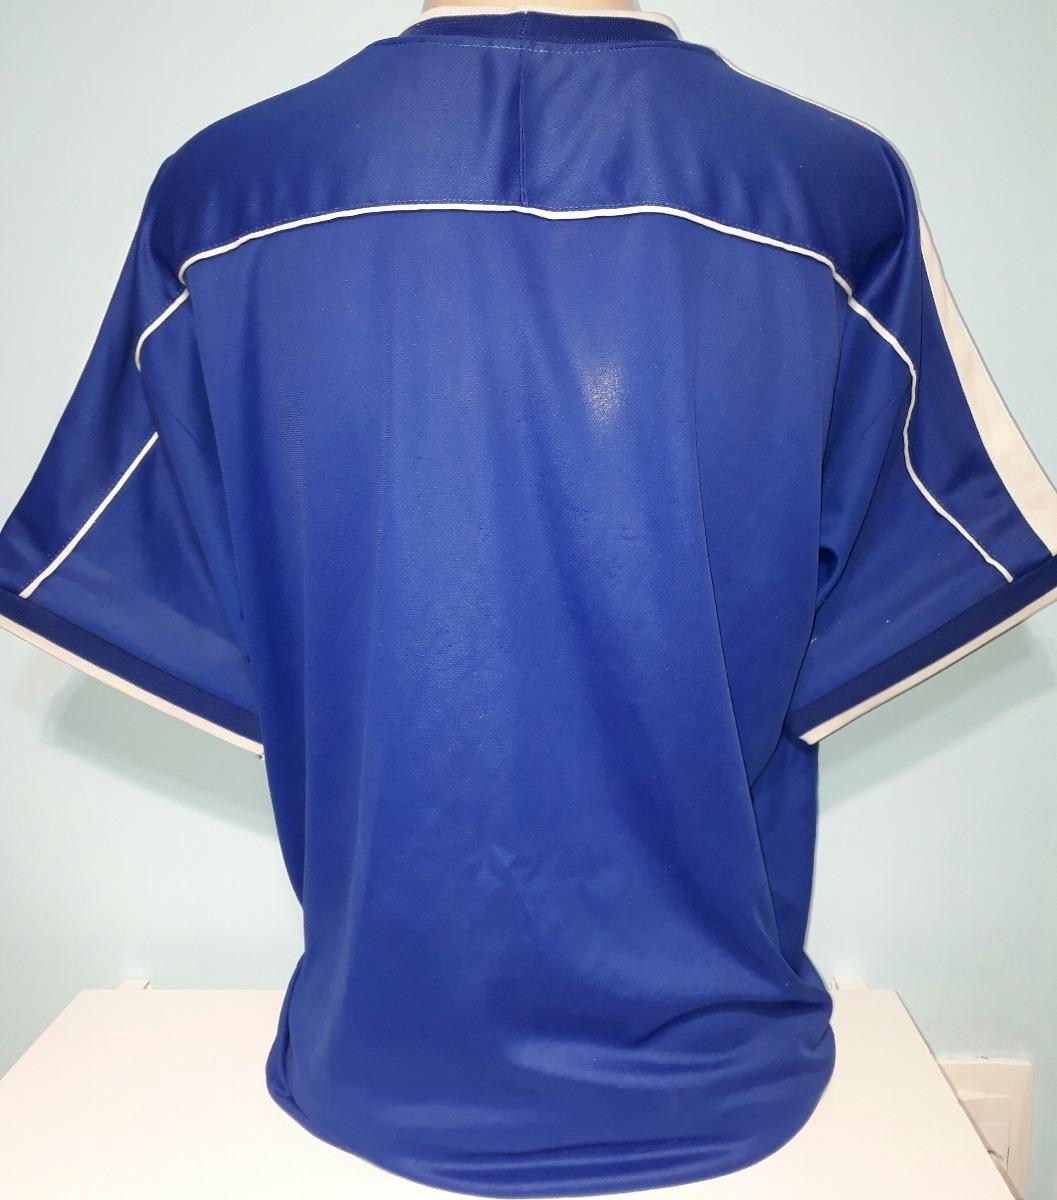 4ac581dd3a camisa do brasil azul 100% original nike copa 1998 - 36. Carregando zoom.